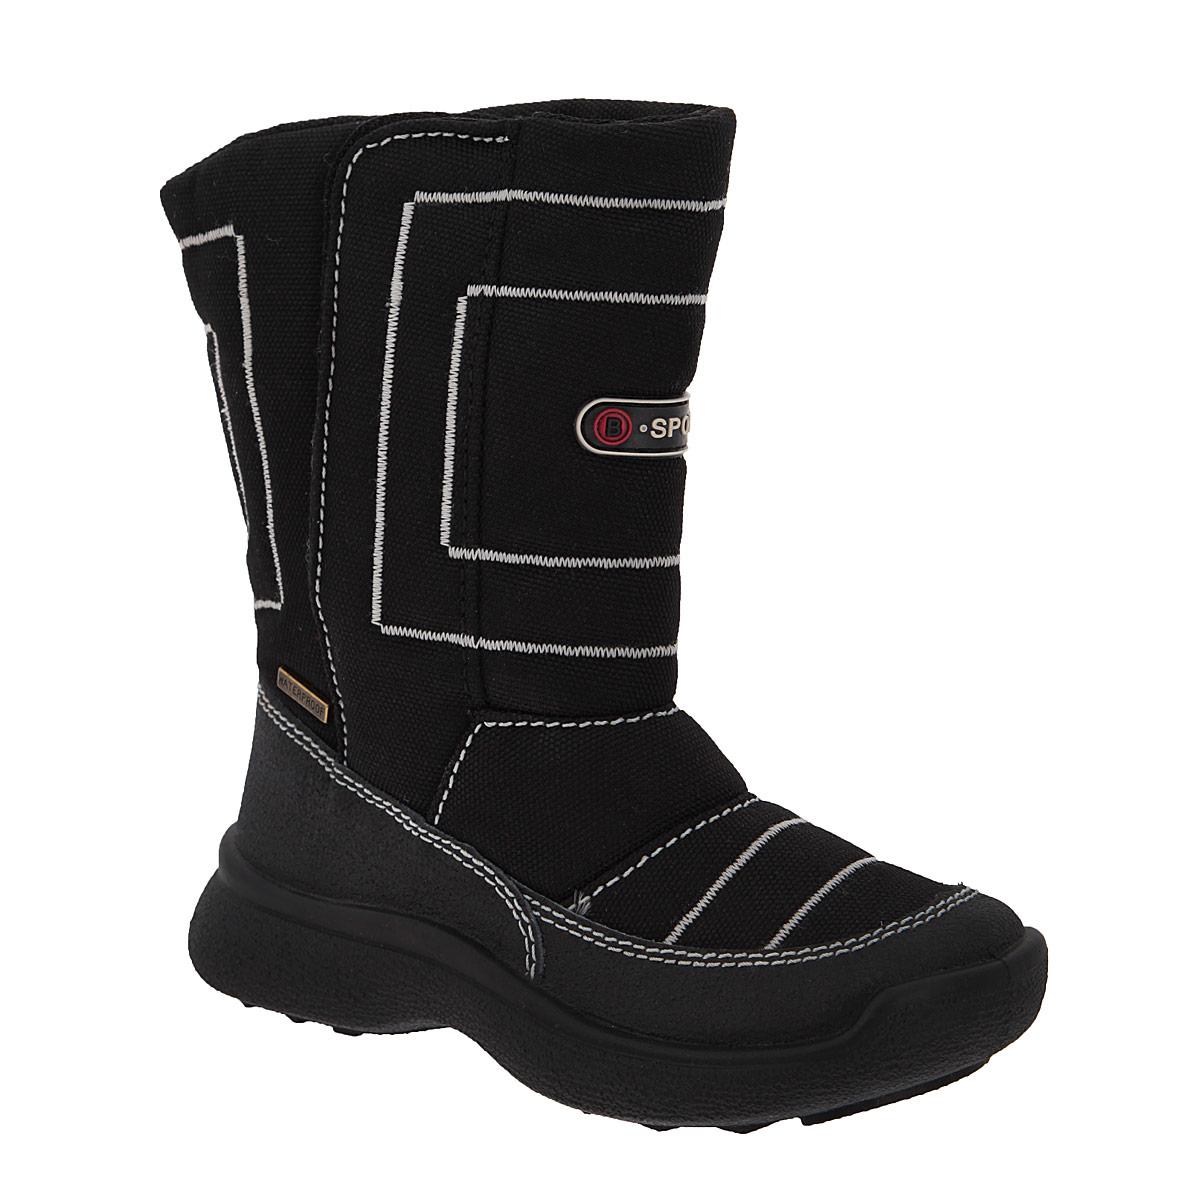 11-155Замечательные сапоги для мальчика Аллигаша, изготовленные из современных материалов, обеспечат удобство и комфорт ножкам вашего малыша в прохладную погоду. Верх выполнен из комбинаций натуральной кожи и текстиля. Технология TEGINA-TEX - это обувь с применением специальной подкладочной мембраны, которая позволяет ноге дышать и абсолютно непроницаемо снаружи для воды и холода. На морозе удерживается тепло, а в помещении нога не потеет. Модель на высокой рифленой подошве с округлым мыском обеспечивает удобство и практичность на каждый день. Удобная пяточная часть укреплена. Внутренняя отделка из текстиля и шерсти. Удобная застежка-липучка на внешней стороне голенища обеспечивает практичность и комфортную фиксацию модели на ноге. Стелька из натуральной шерсти не даст ножке замерзнуть. Оформлена модель прострочкой, а также прорезиненной вставкой и металлической пластиной. В таких сапожках ножкам вашего ребенка всегда будет комфортно, уютно и тепло!